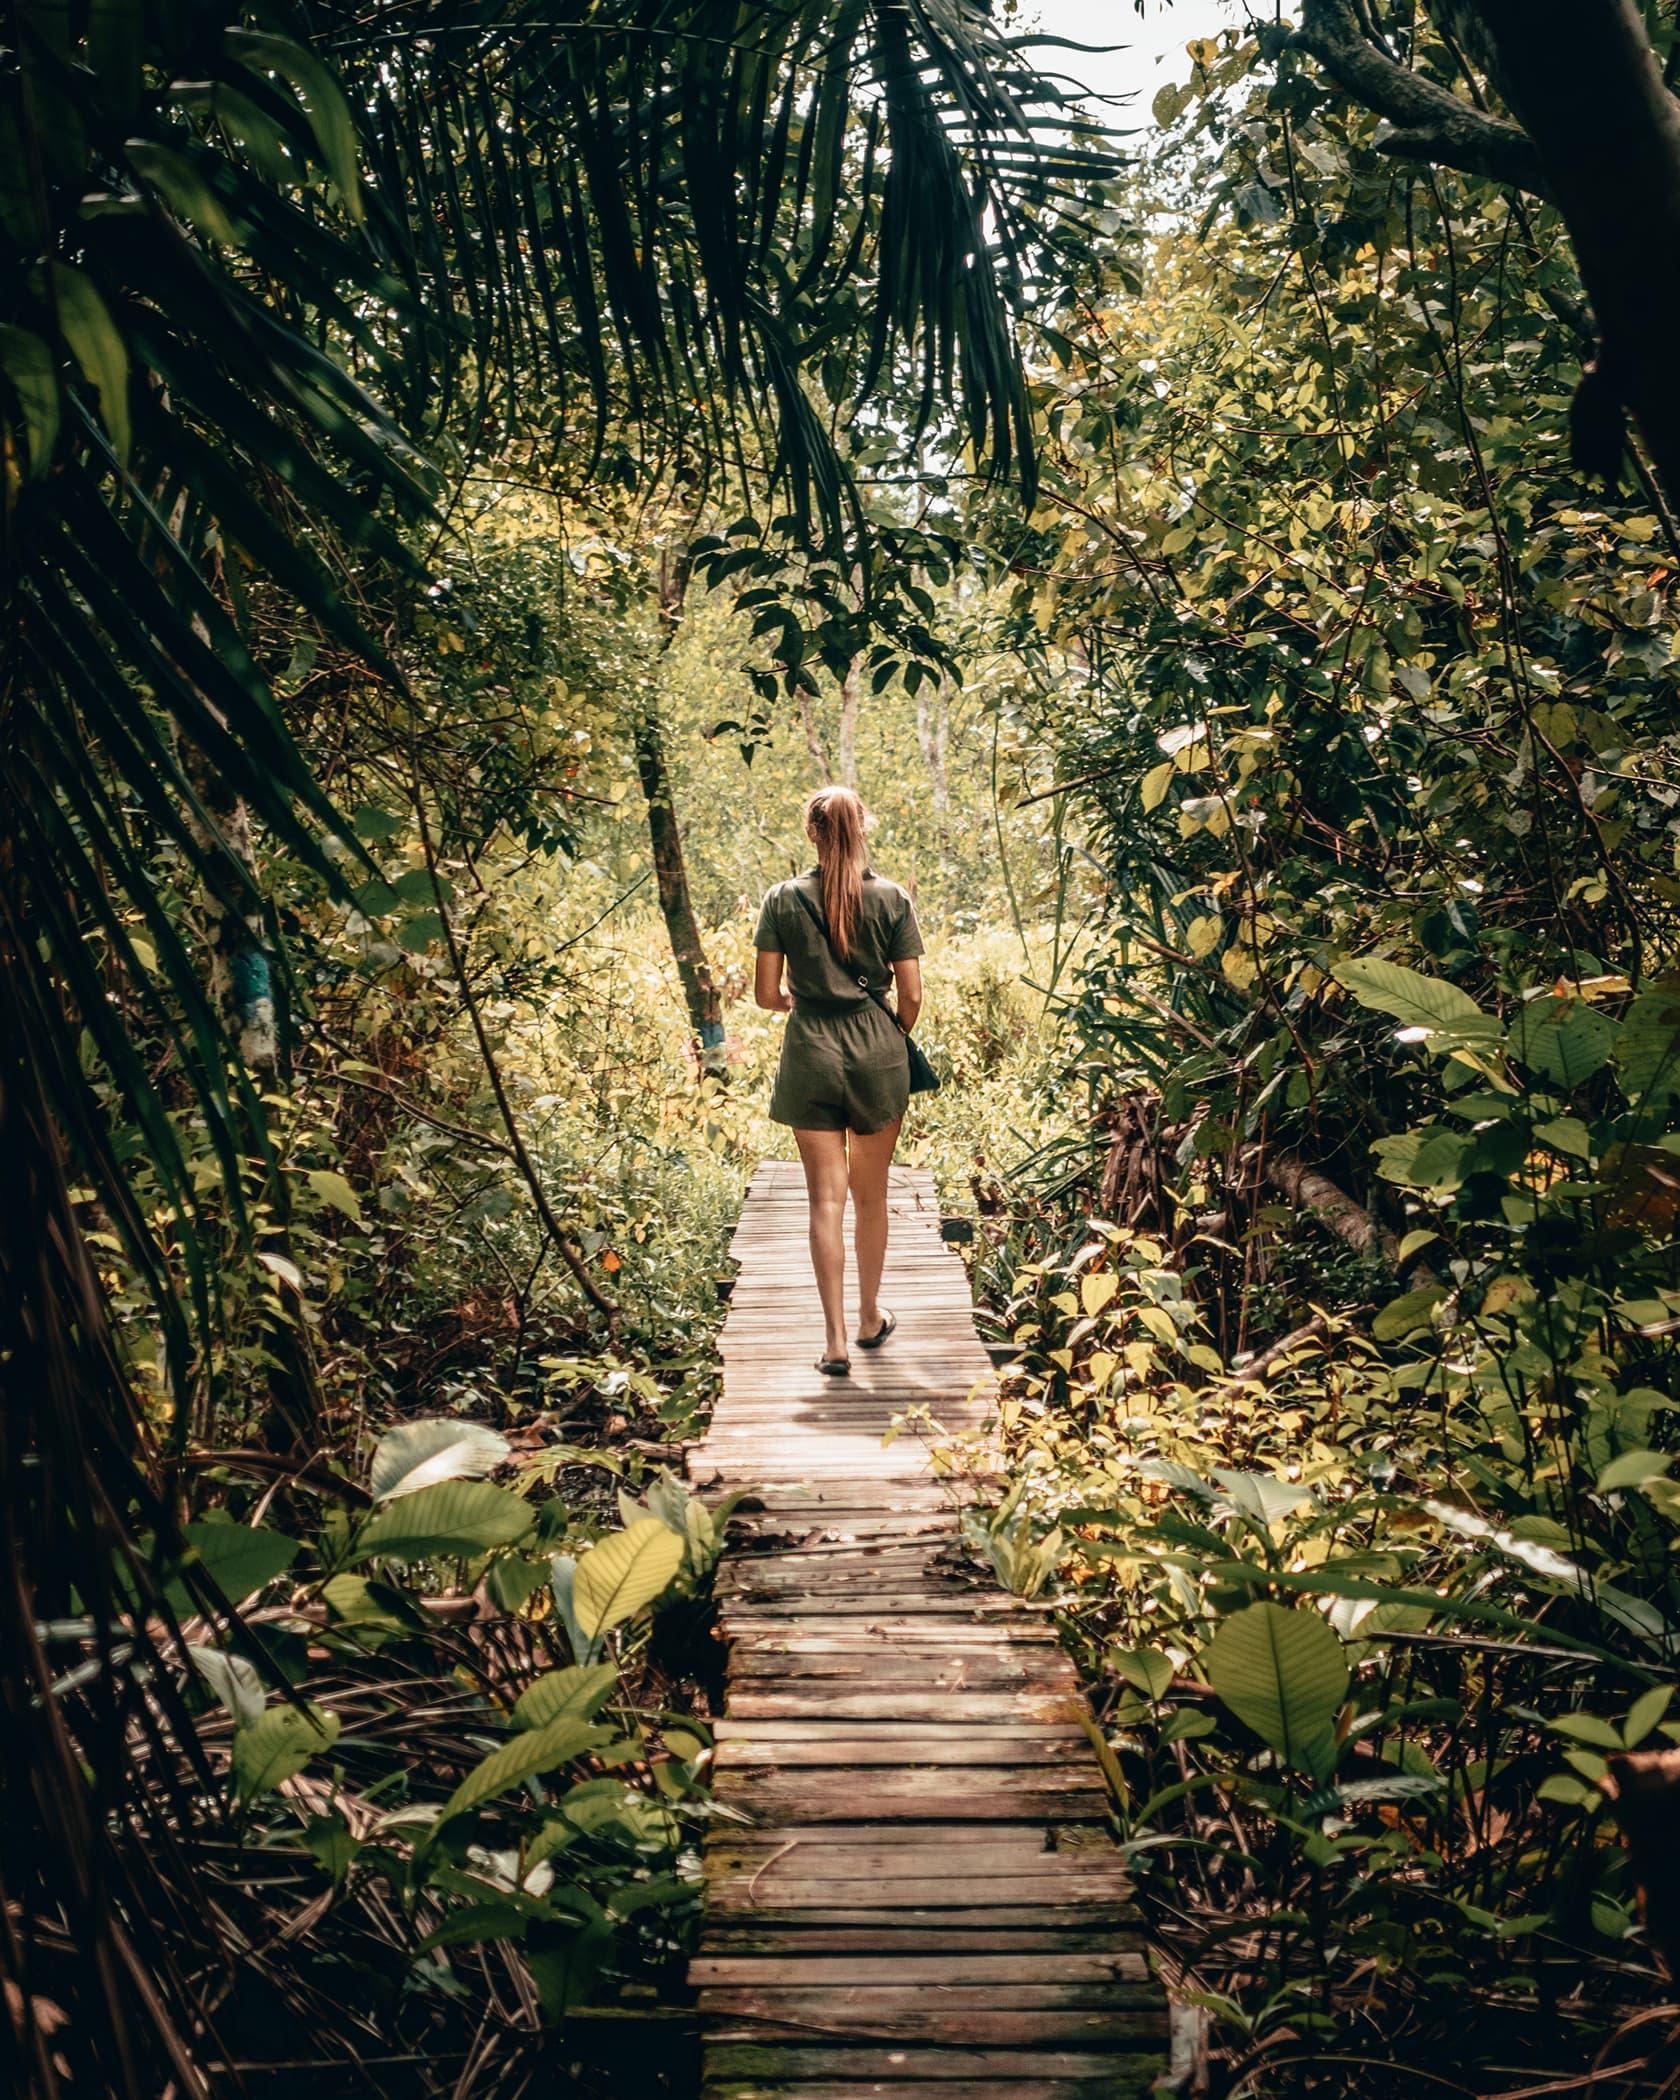 Foto van persoon lopend over een houten pad in de jungle uit fotografie collectie mensen van Simon Wijers